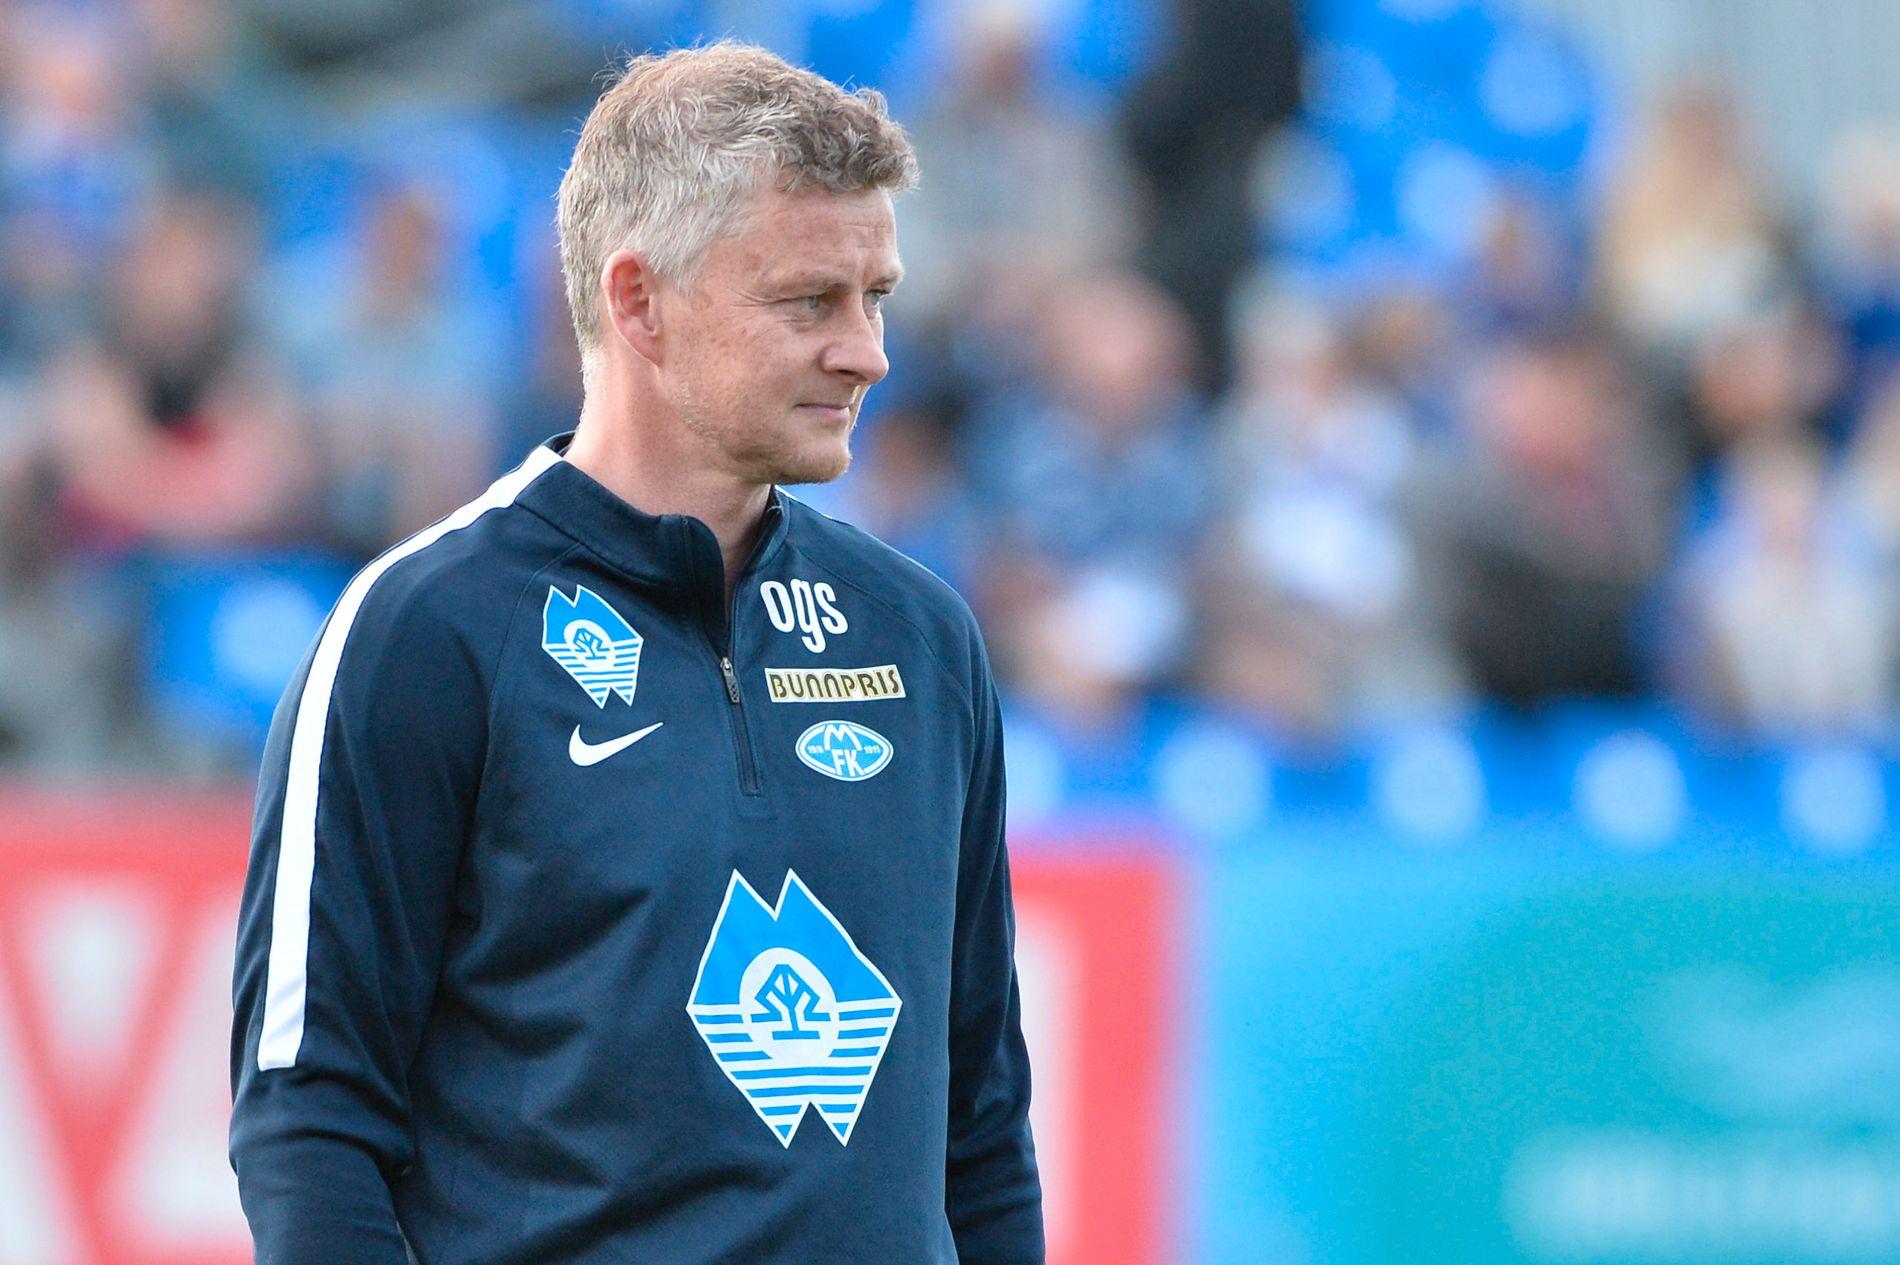 INEFFEKTIVE: Ole Gunnar Solskjær leder et av de minst effektive lagene i Eliteserien.